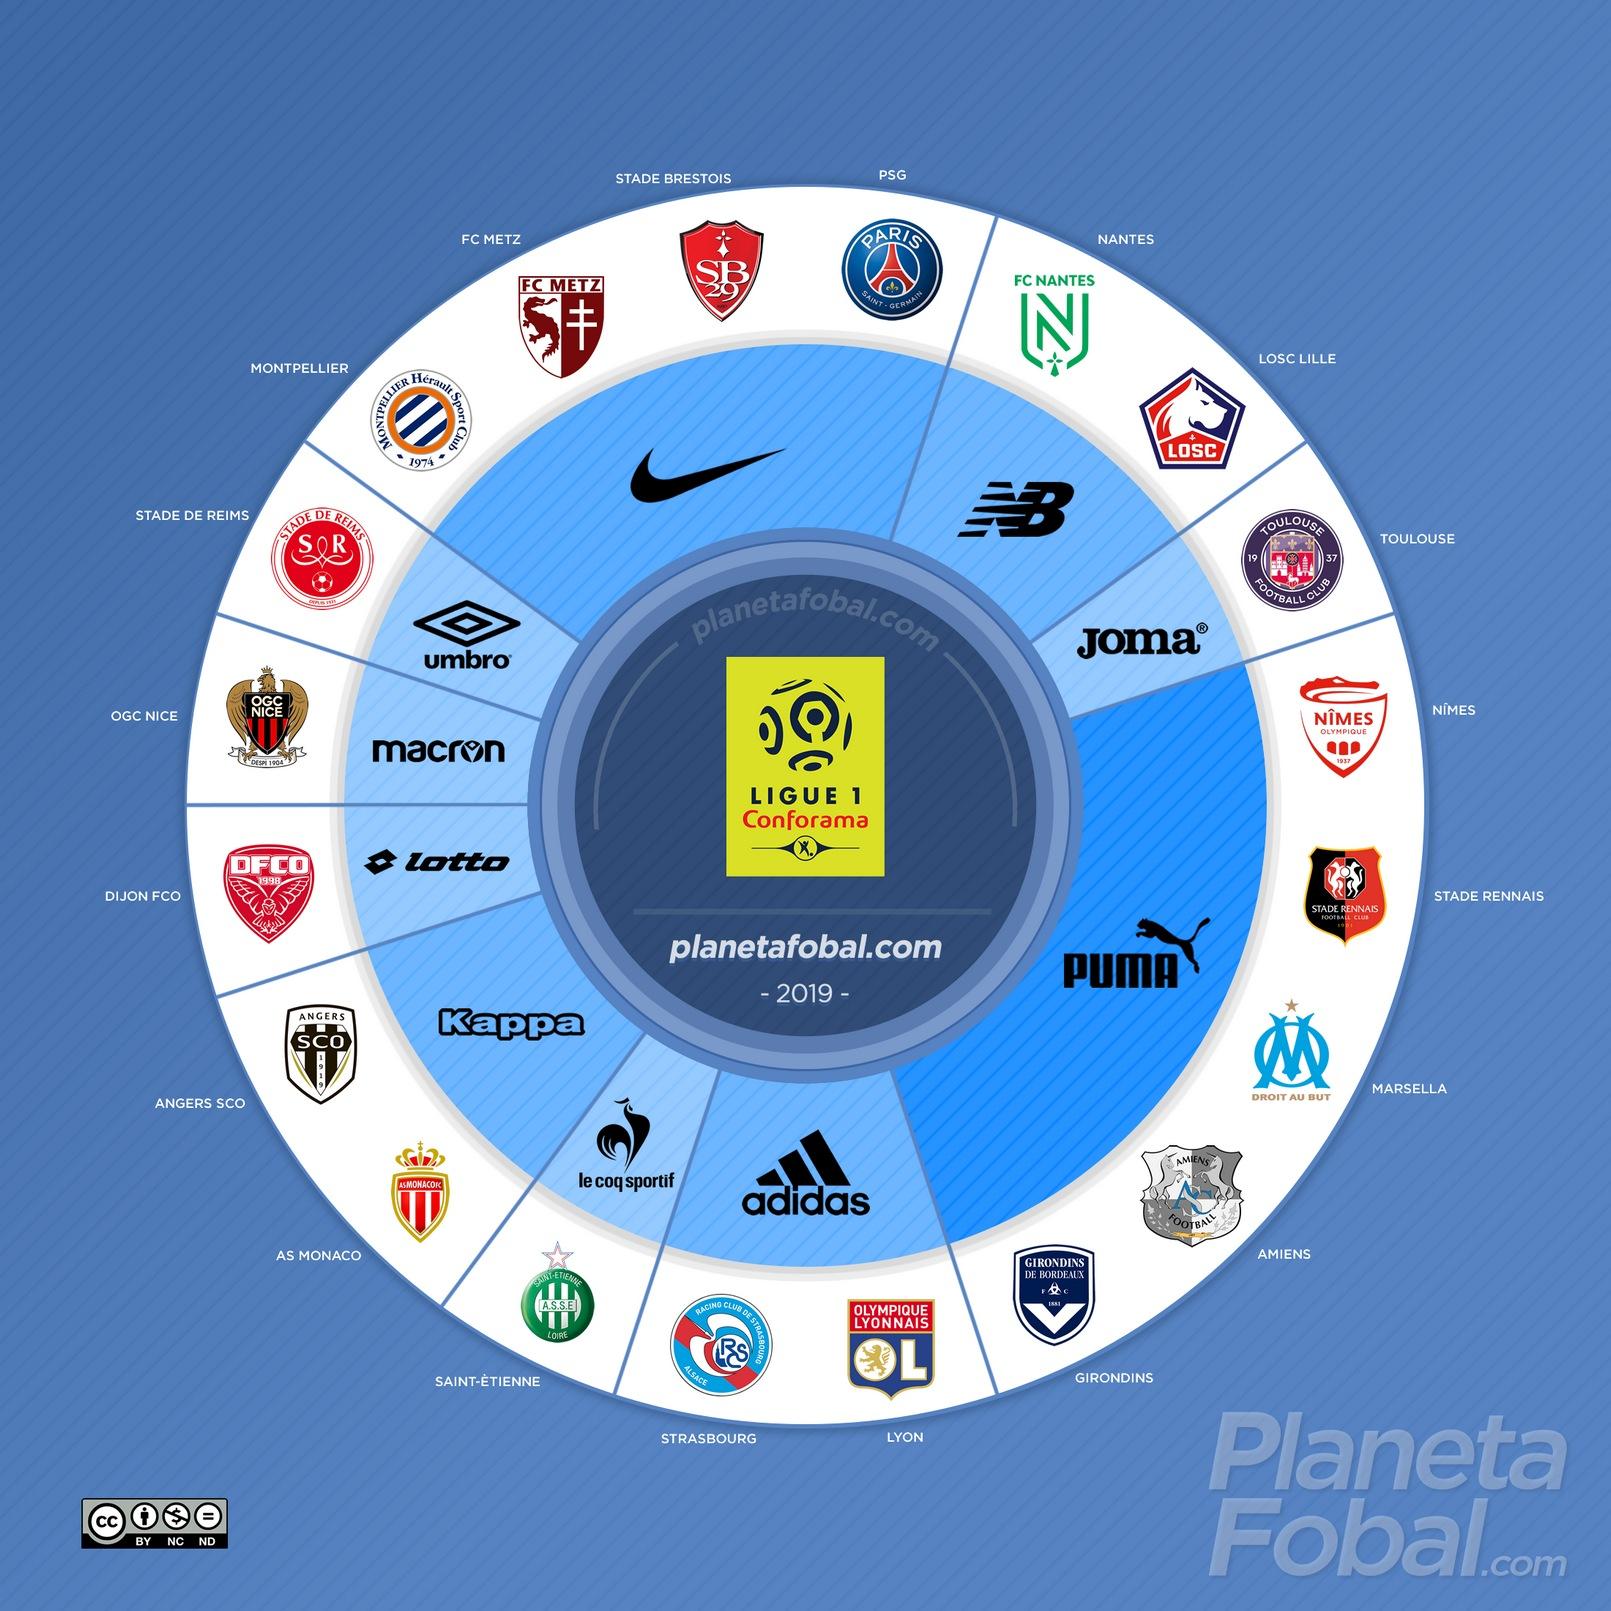 Marcas deportivas de la Ligue 1 2019/2020 | @planetafobal